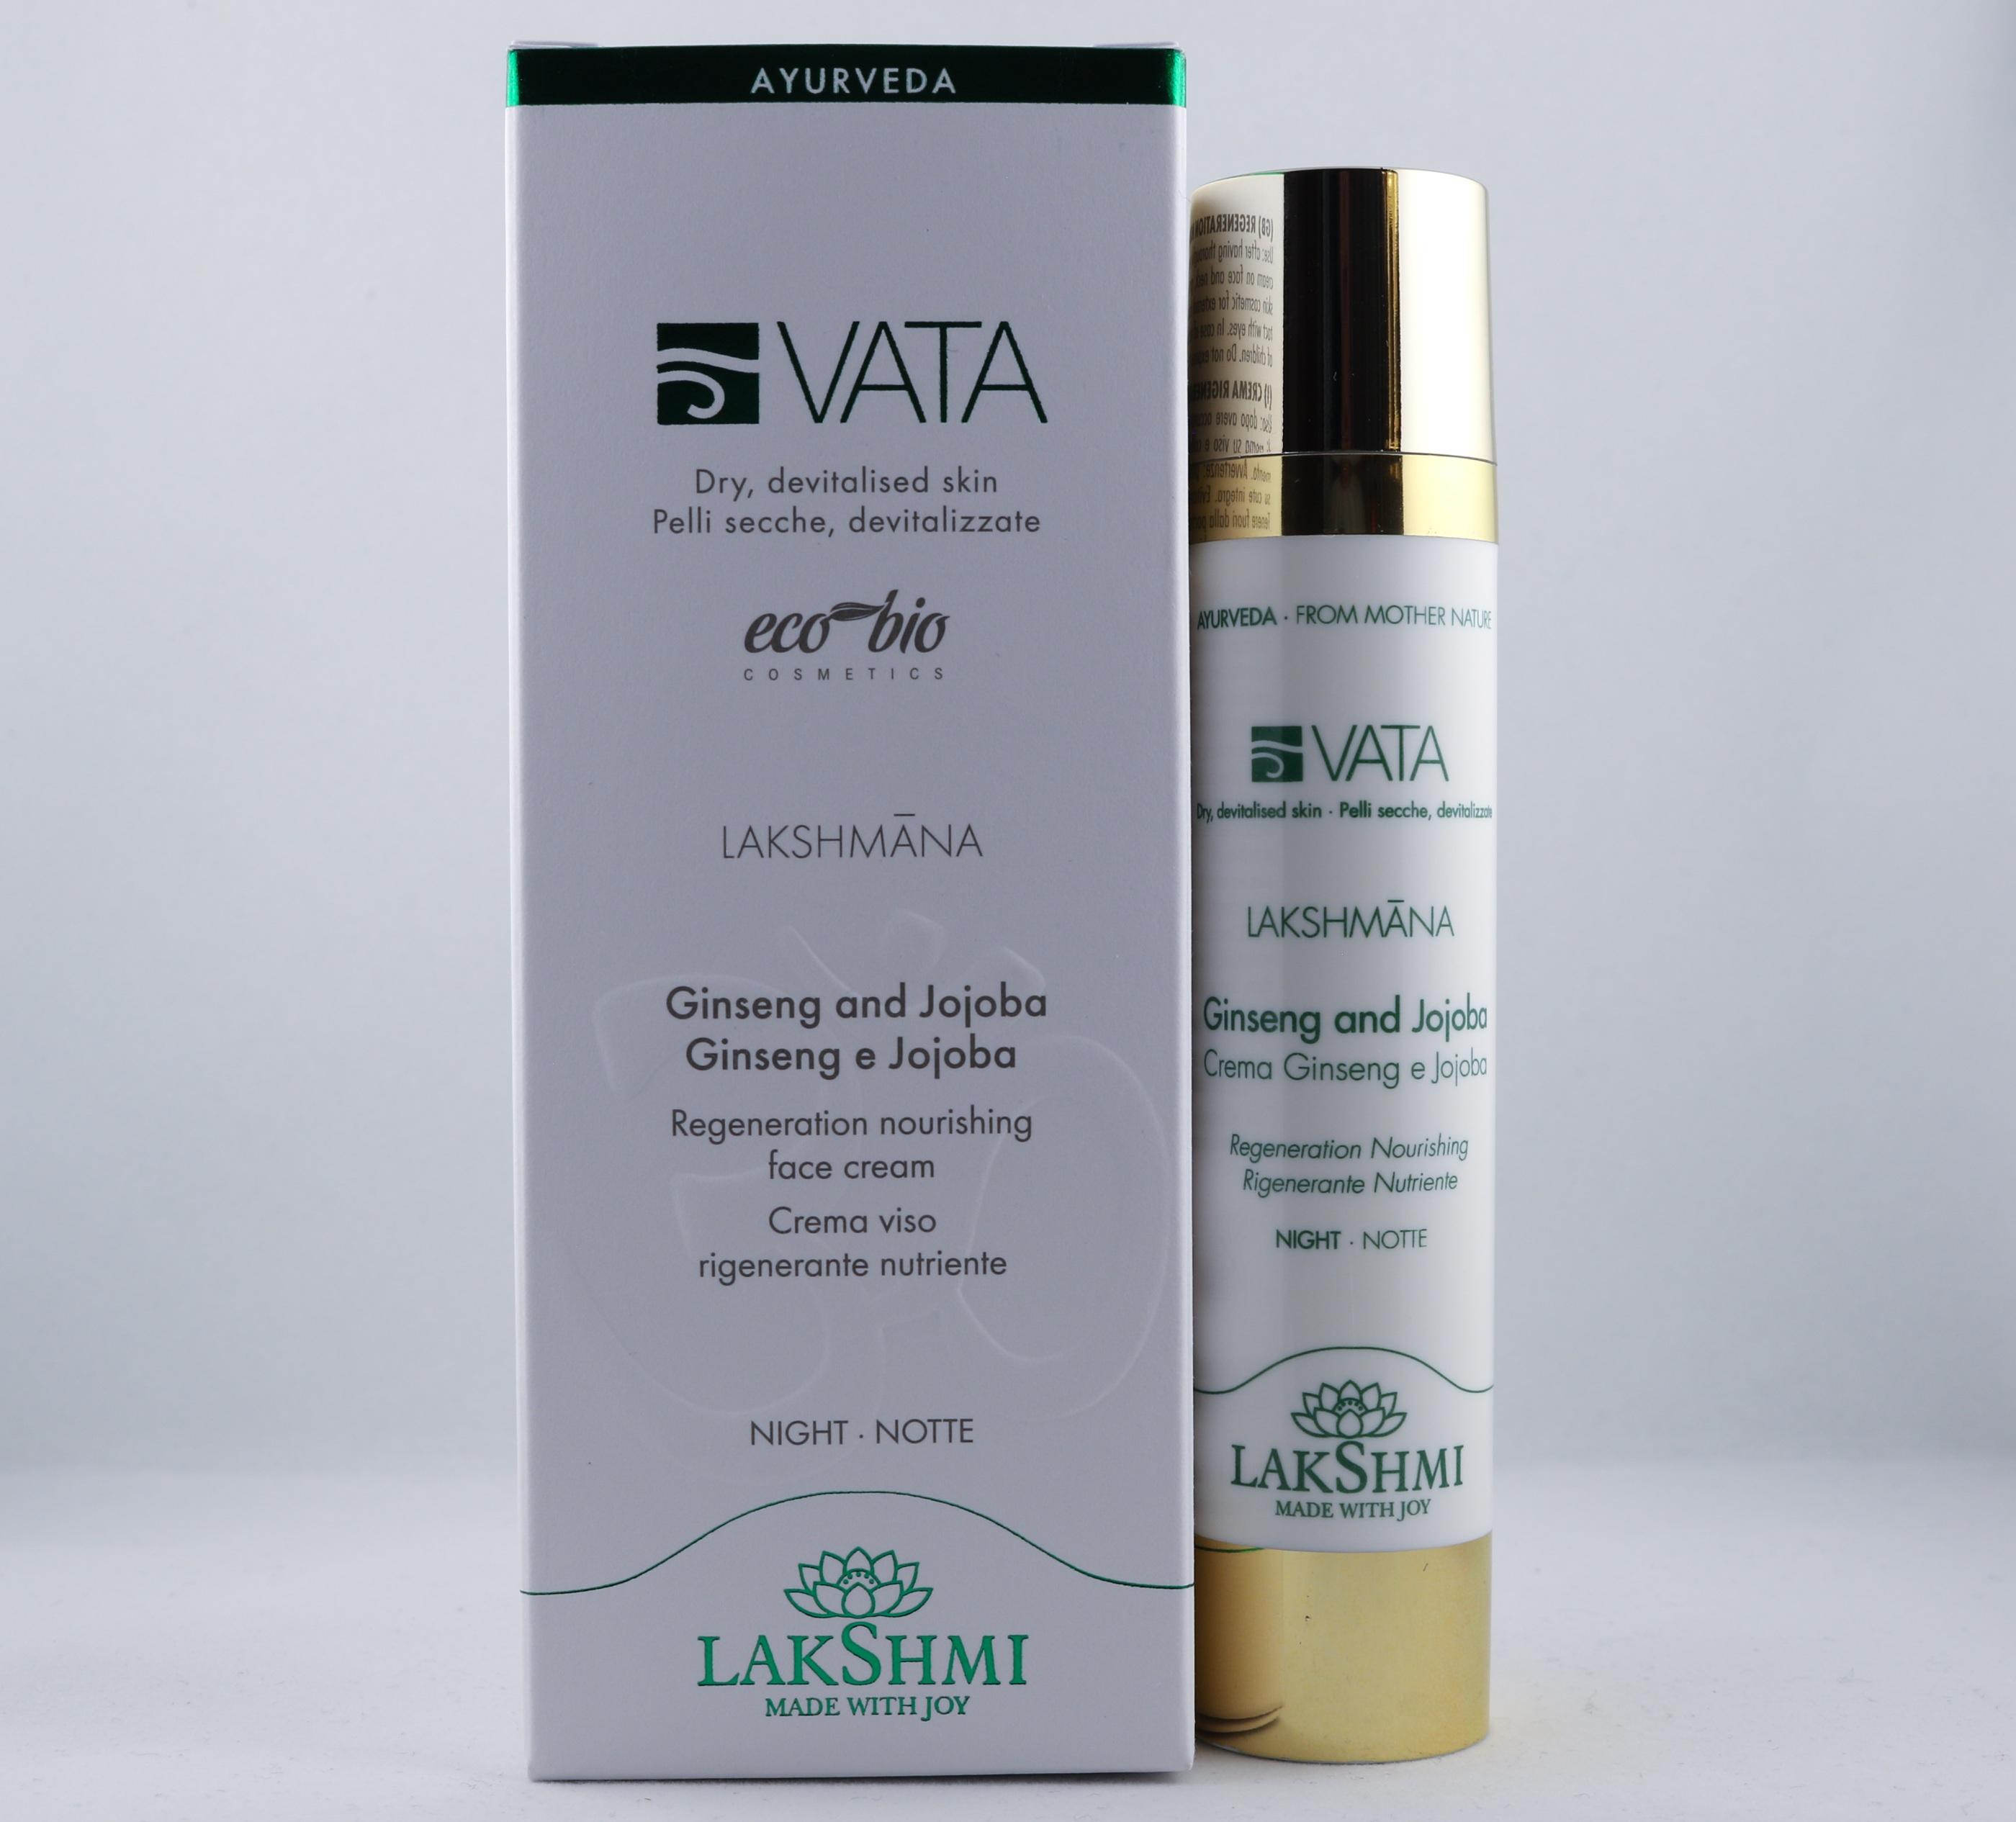 Vata Ginseng and Jojoba Cream hudvårdsprodukt hudvårdstyp alternativ hälsa wellness ayurveda ansikte